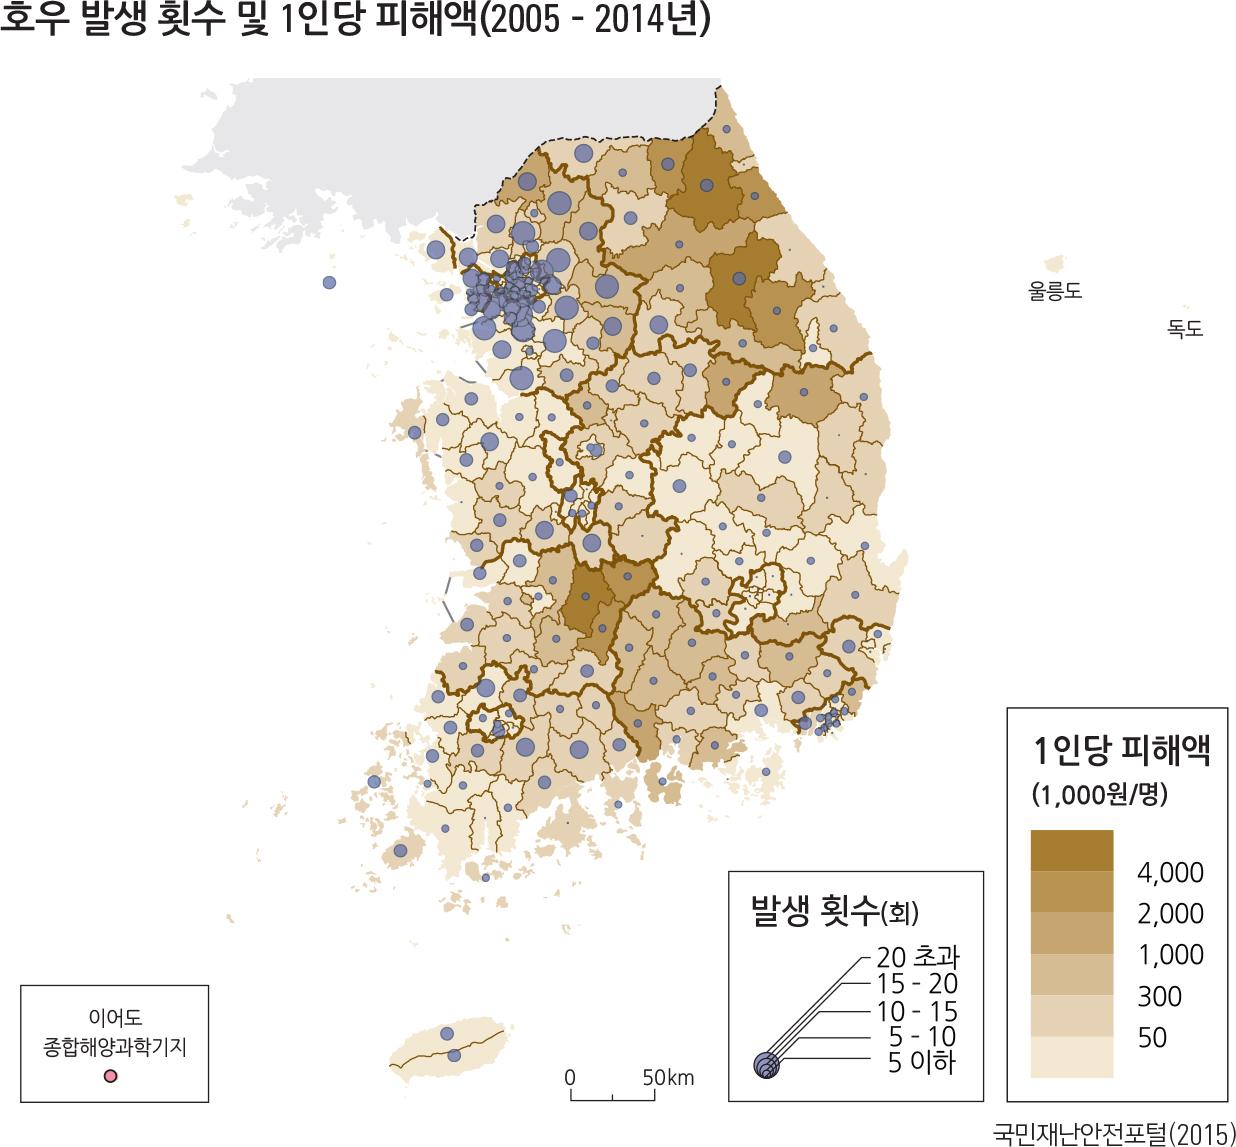 호우 발생 횟수 및 1인당 피해액(2005 – 2014년)